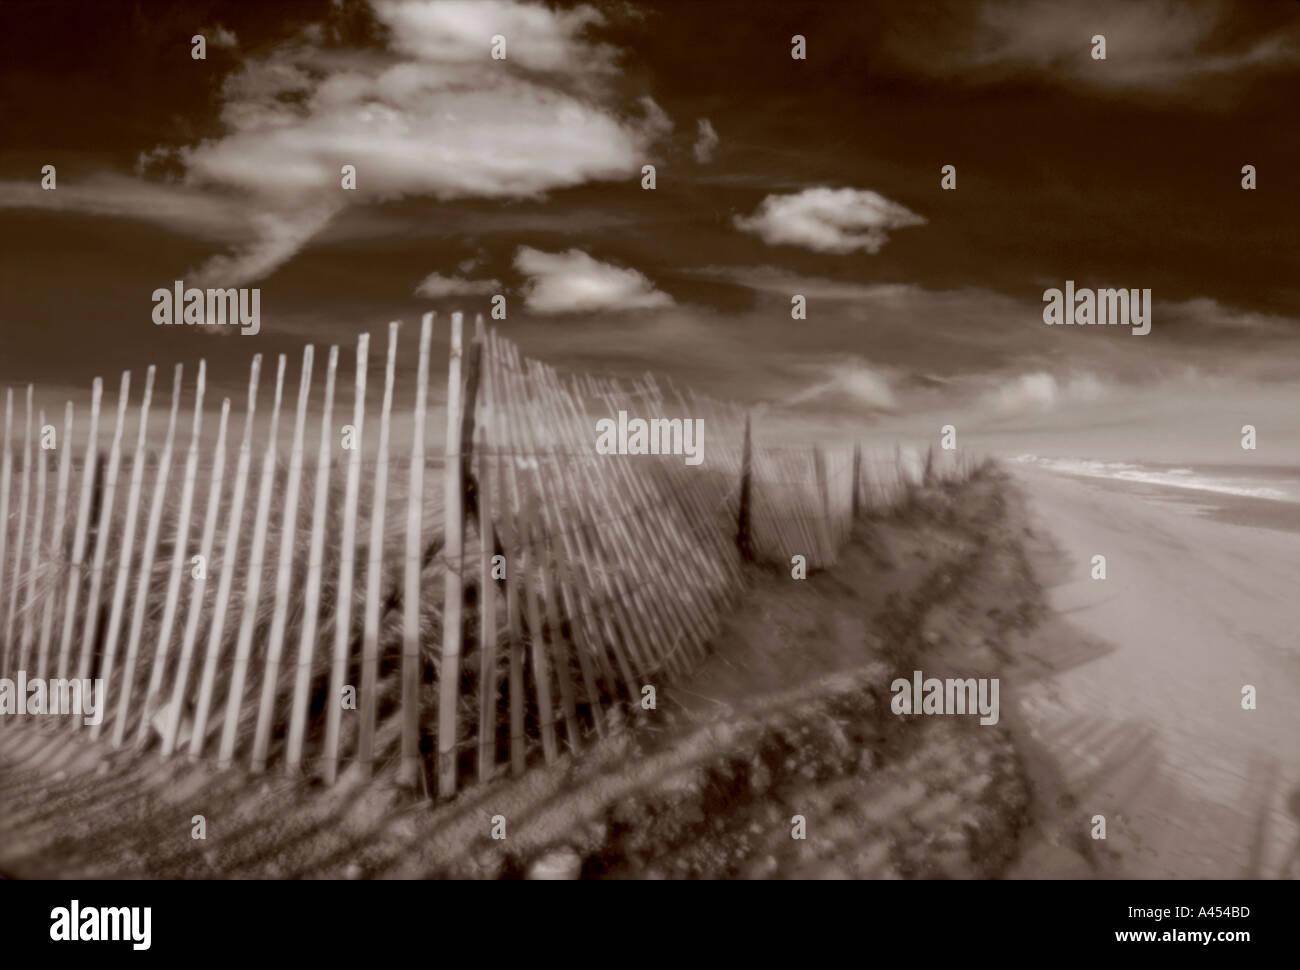 Horizontal Sepia toned image of fence on sand dune along beach - Stock Image